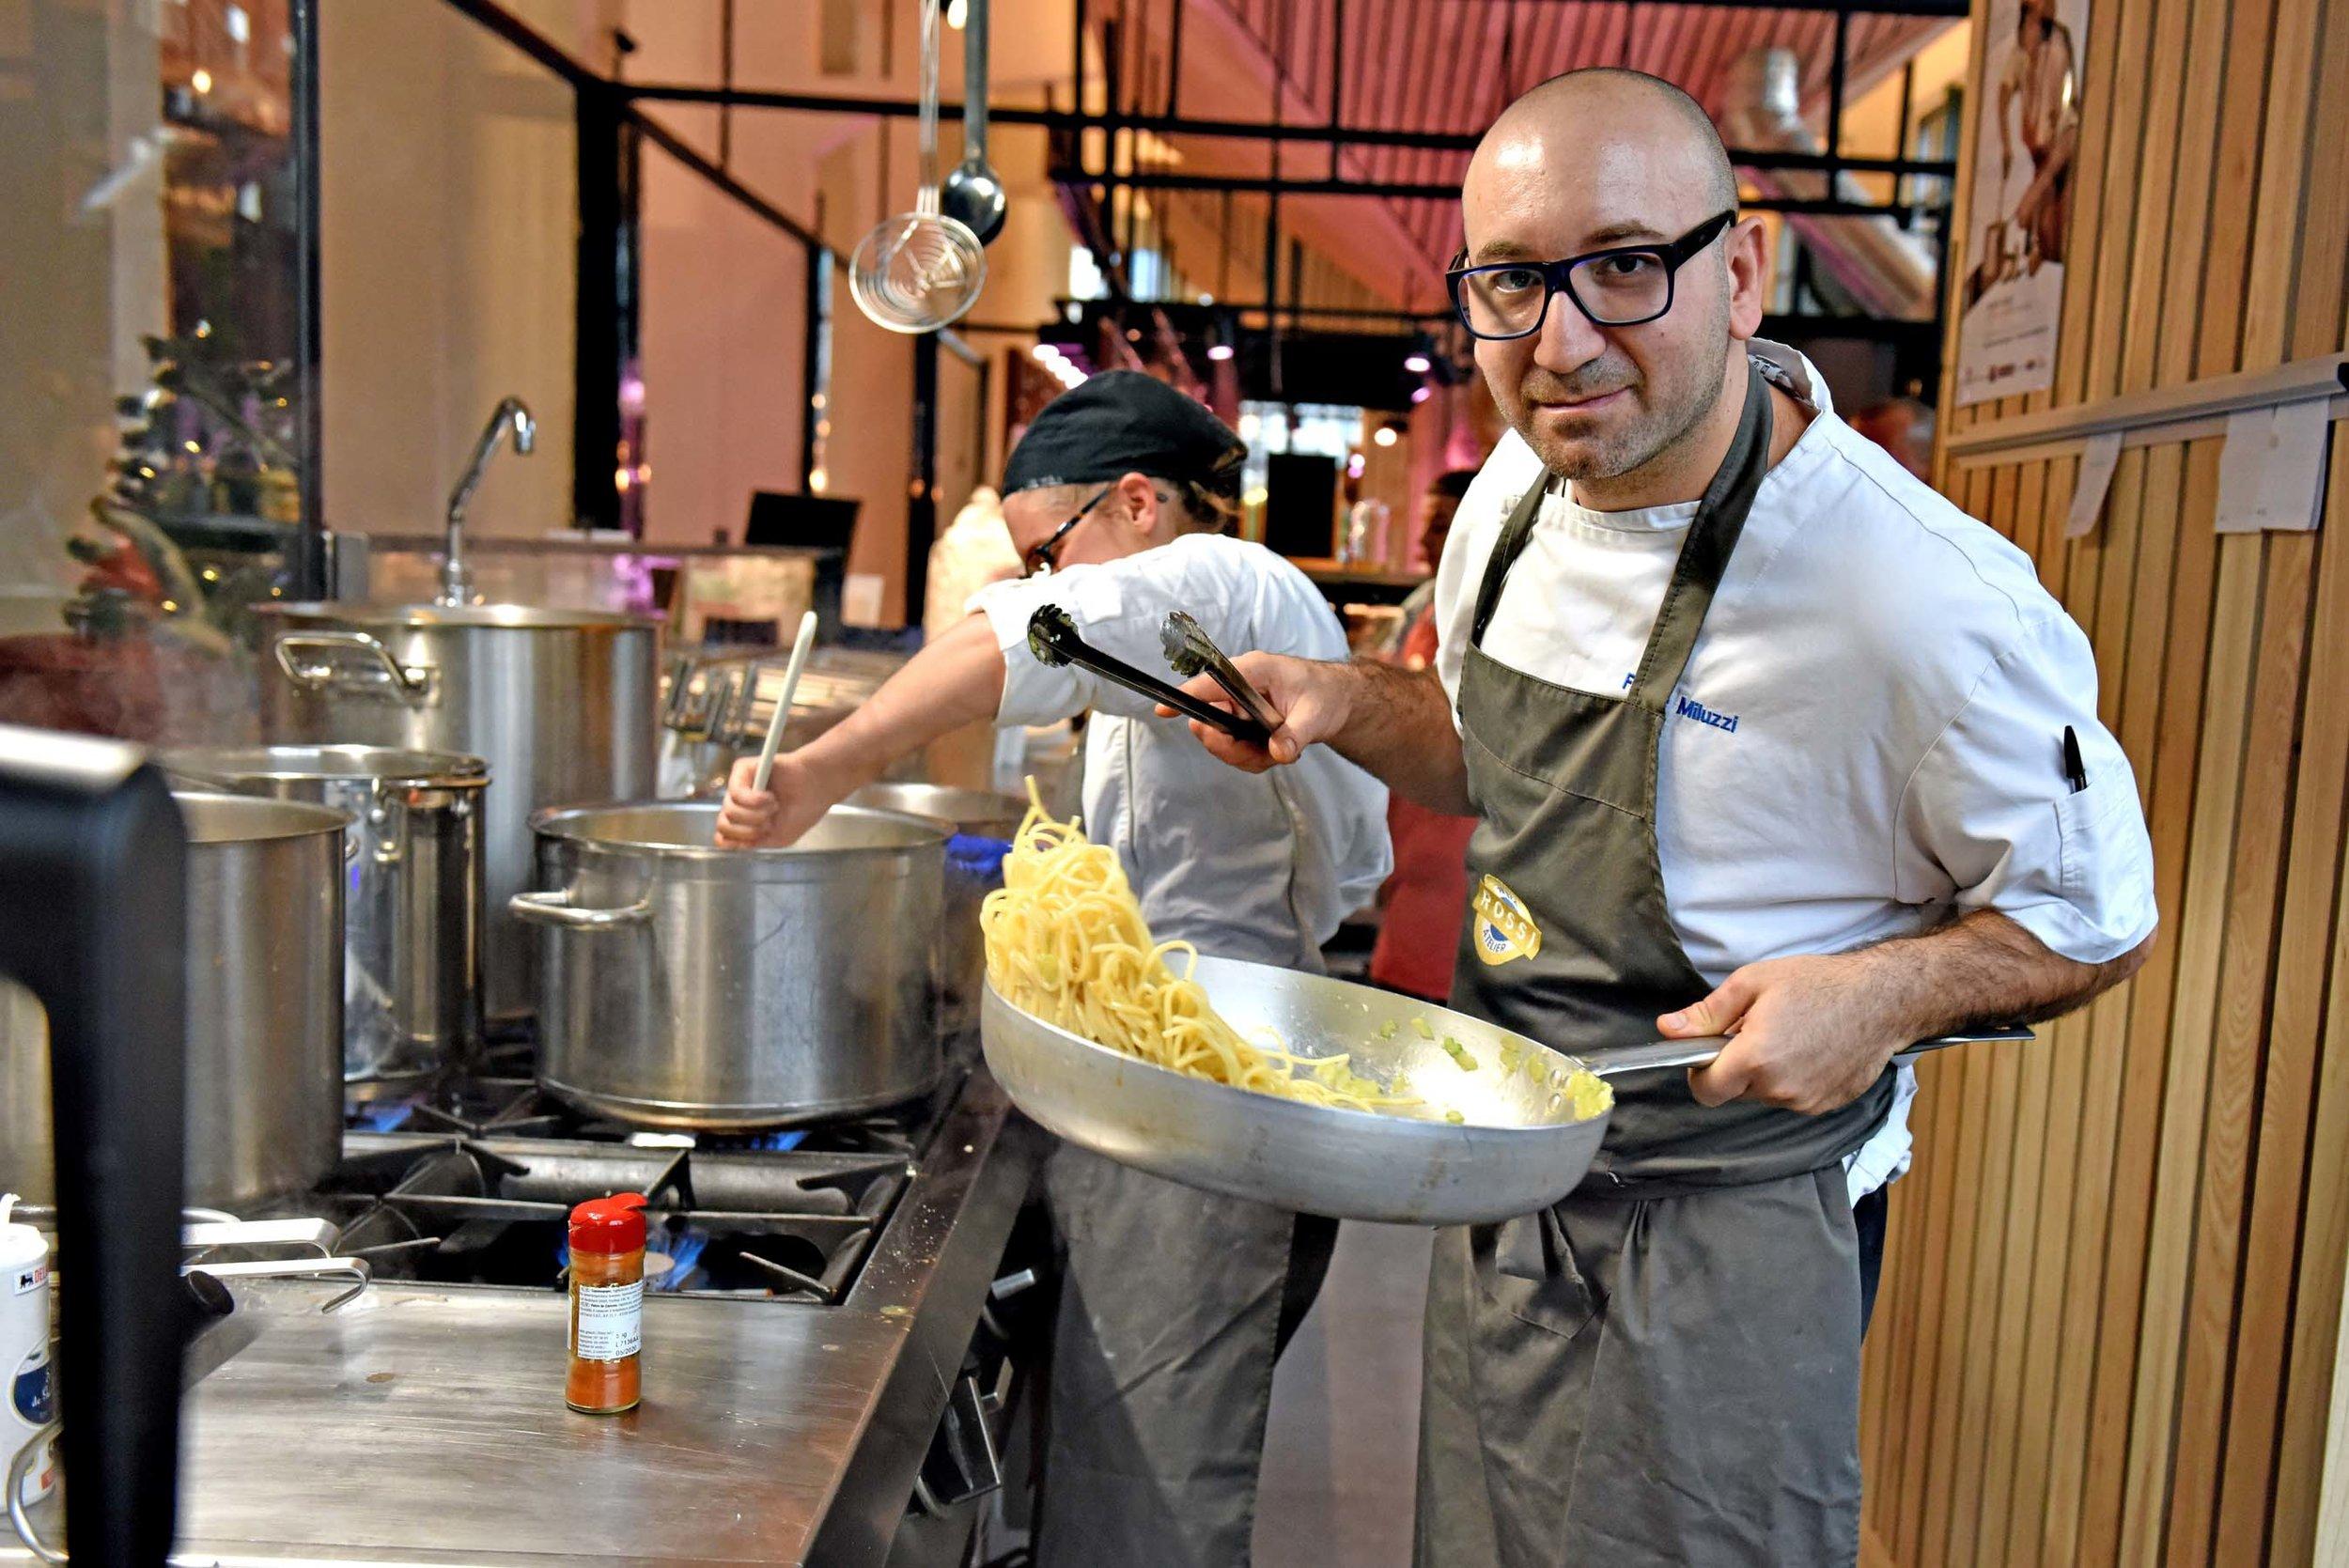 11 atelier rossi restaurant felice gault beste italiaanse italiaans chef foodmarket de smidse leuven.jpg